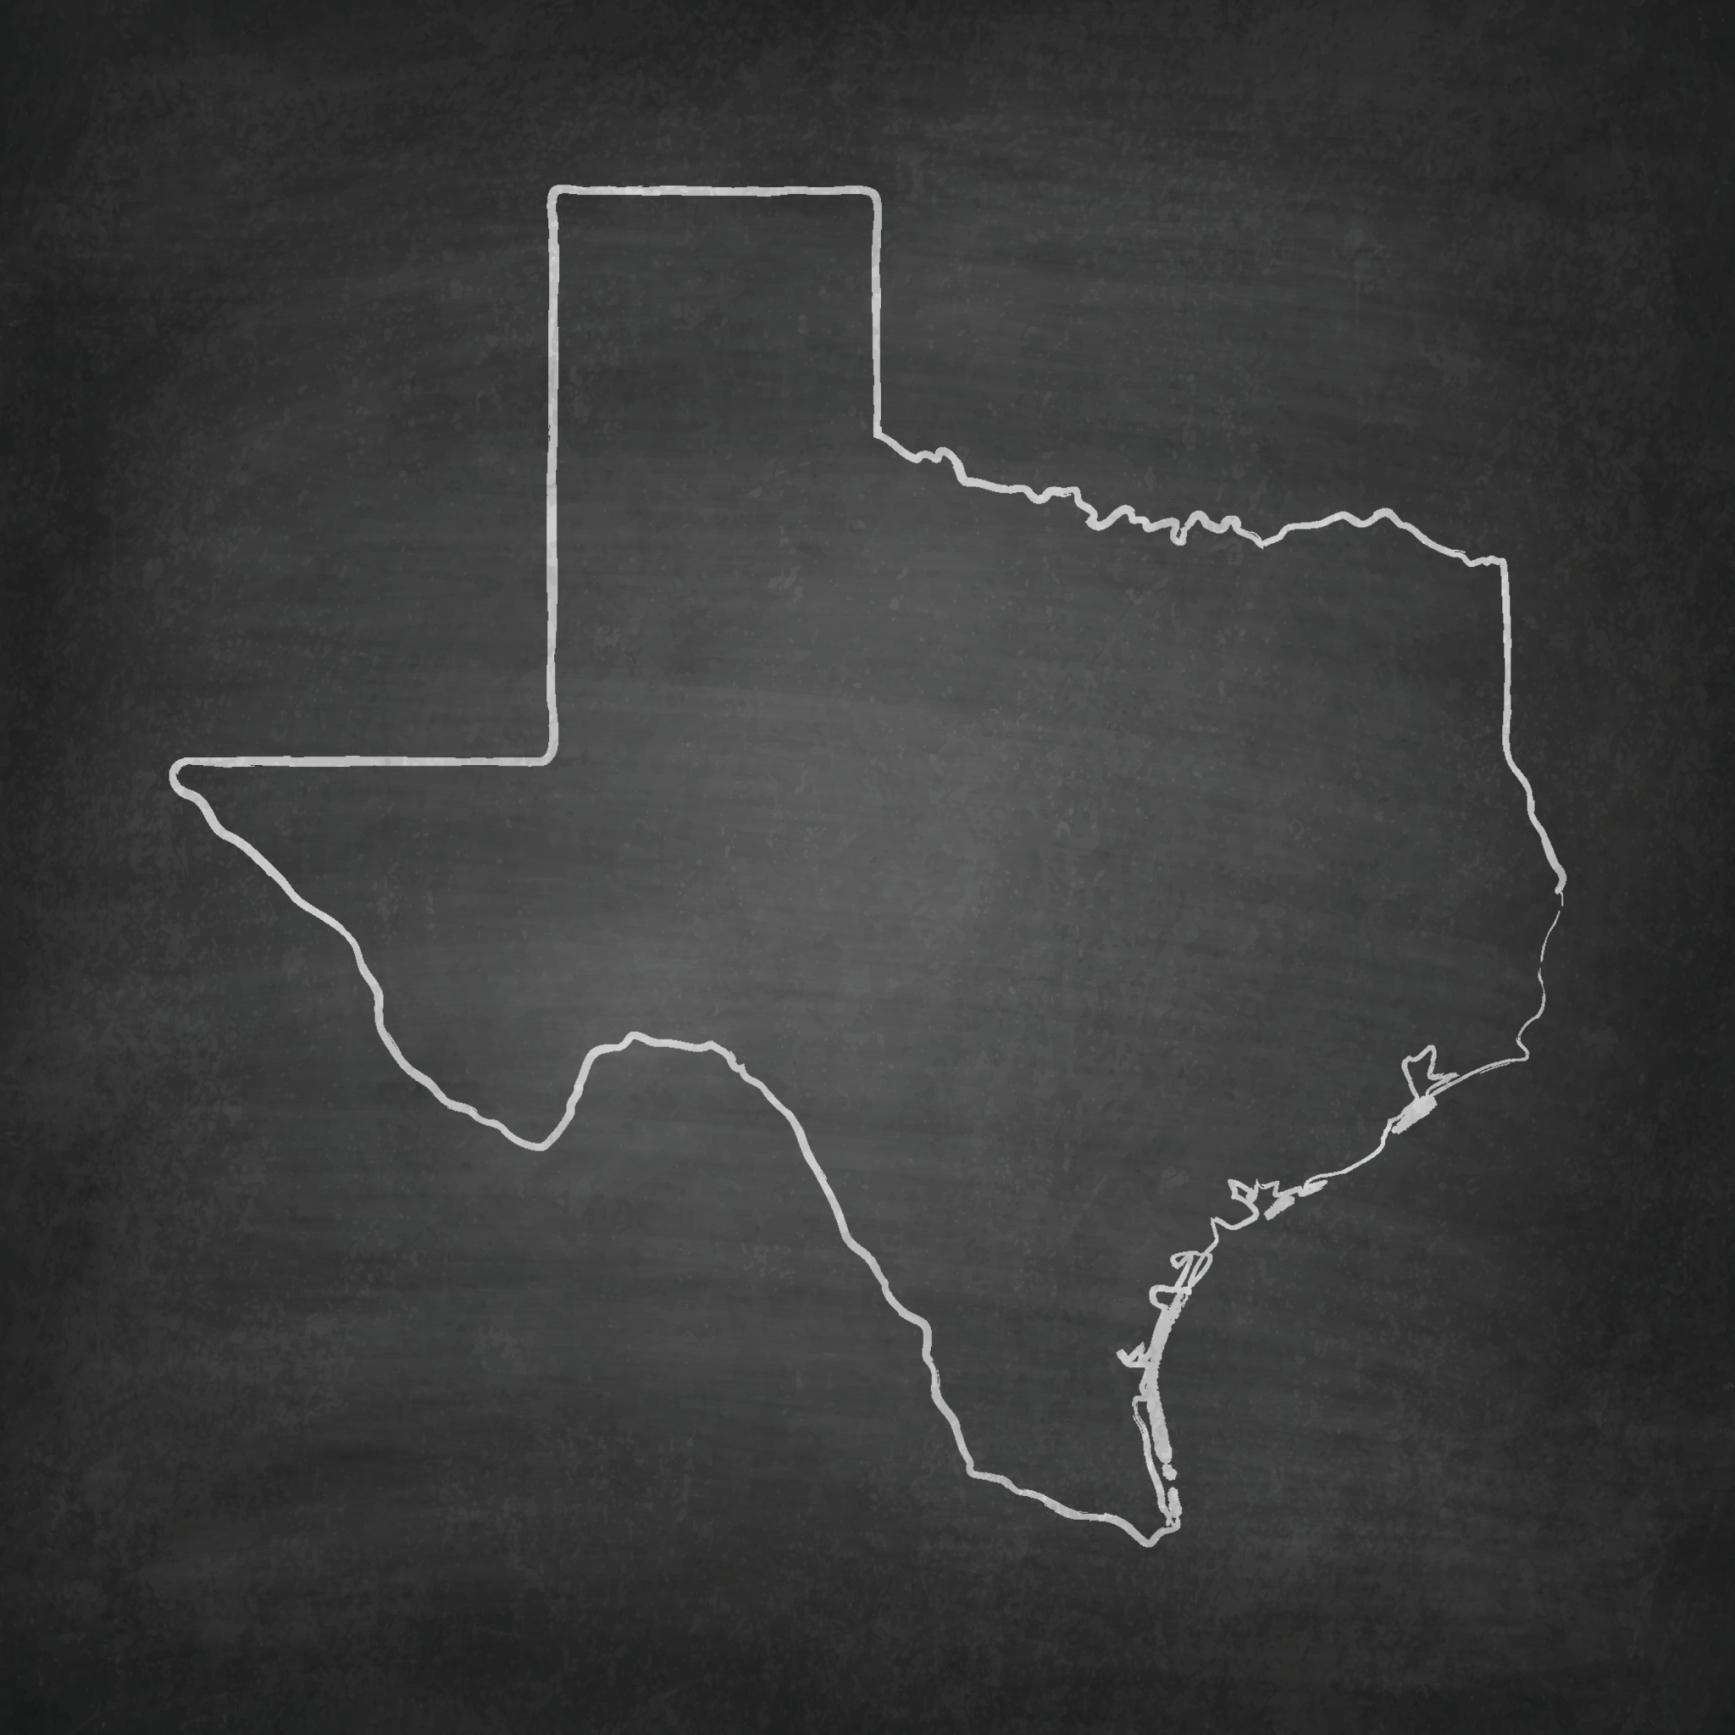 Texas Map on Blackboard - Chalkboard